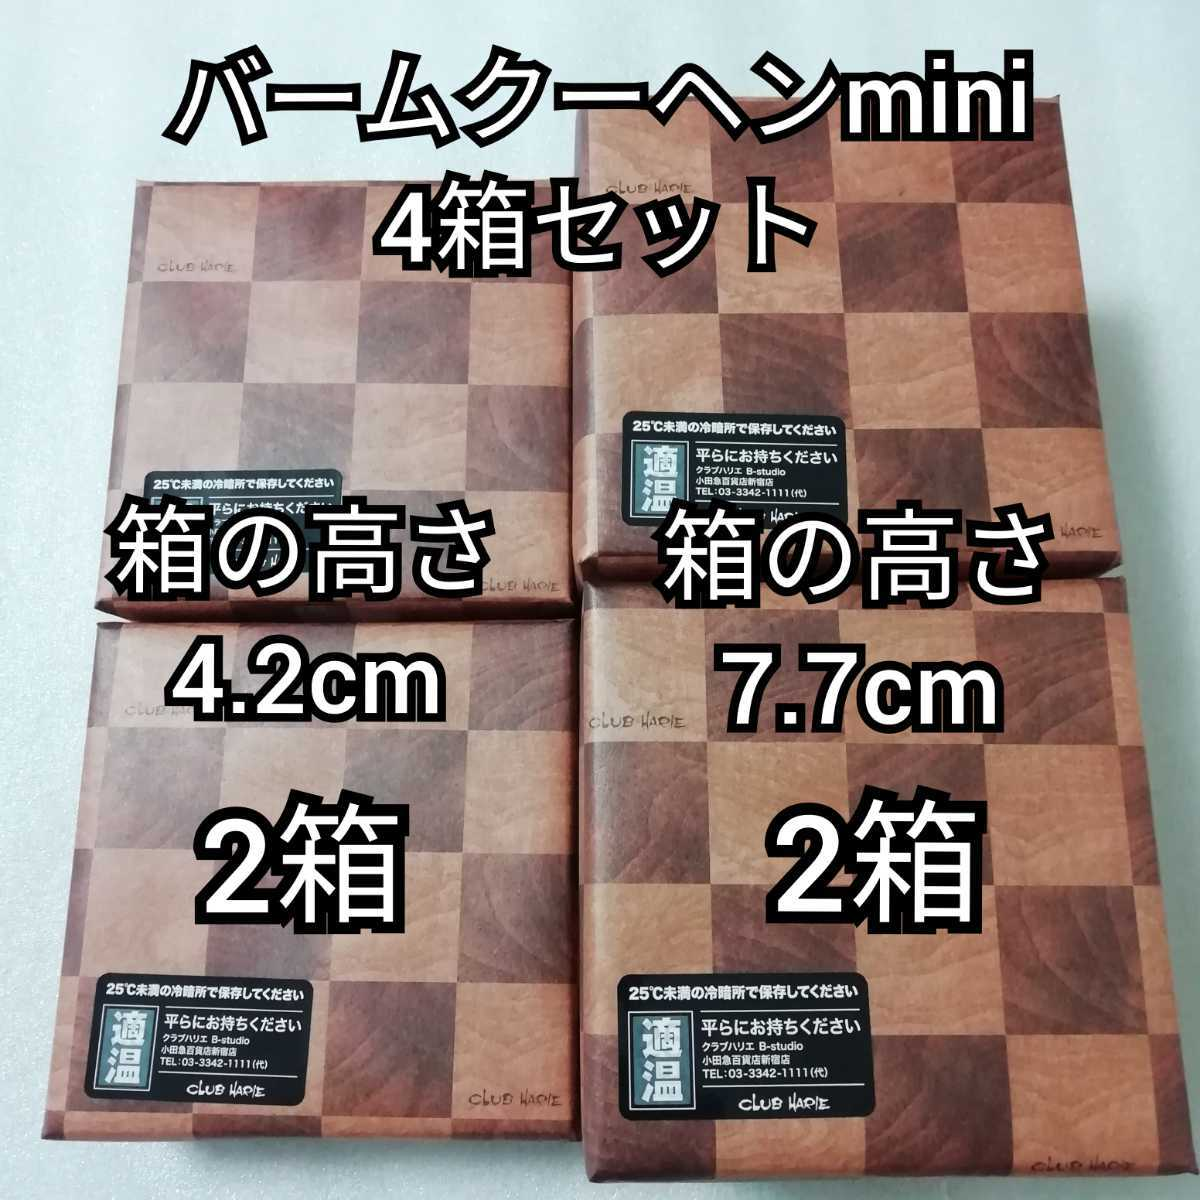 クラブハリエ 2種類4箱 バームクーヘンmini 4.2cm 7.7cm バームクーヘン バウムクーヘン お菓子 詰め合わせ クラブハリエ_画像1